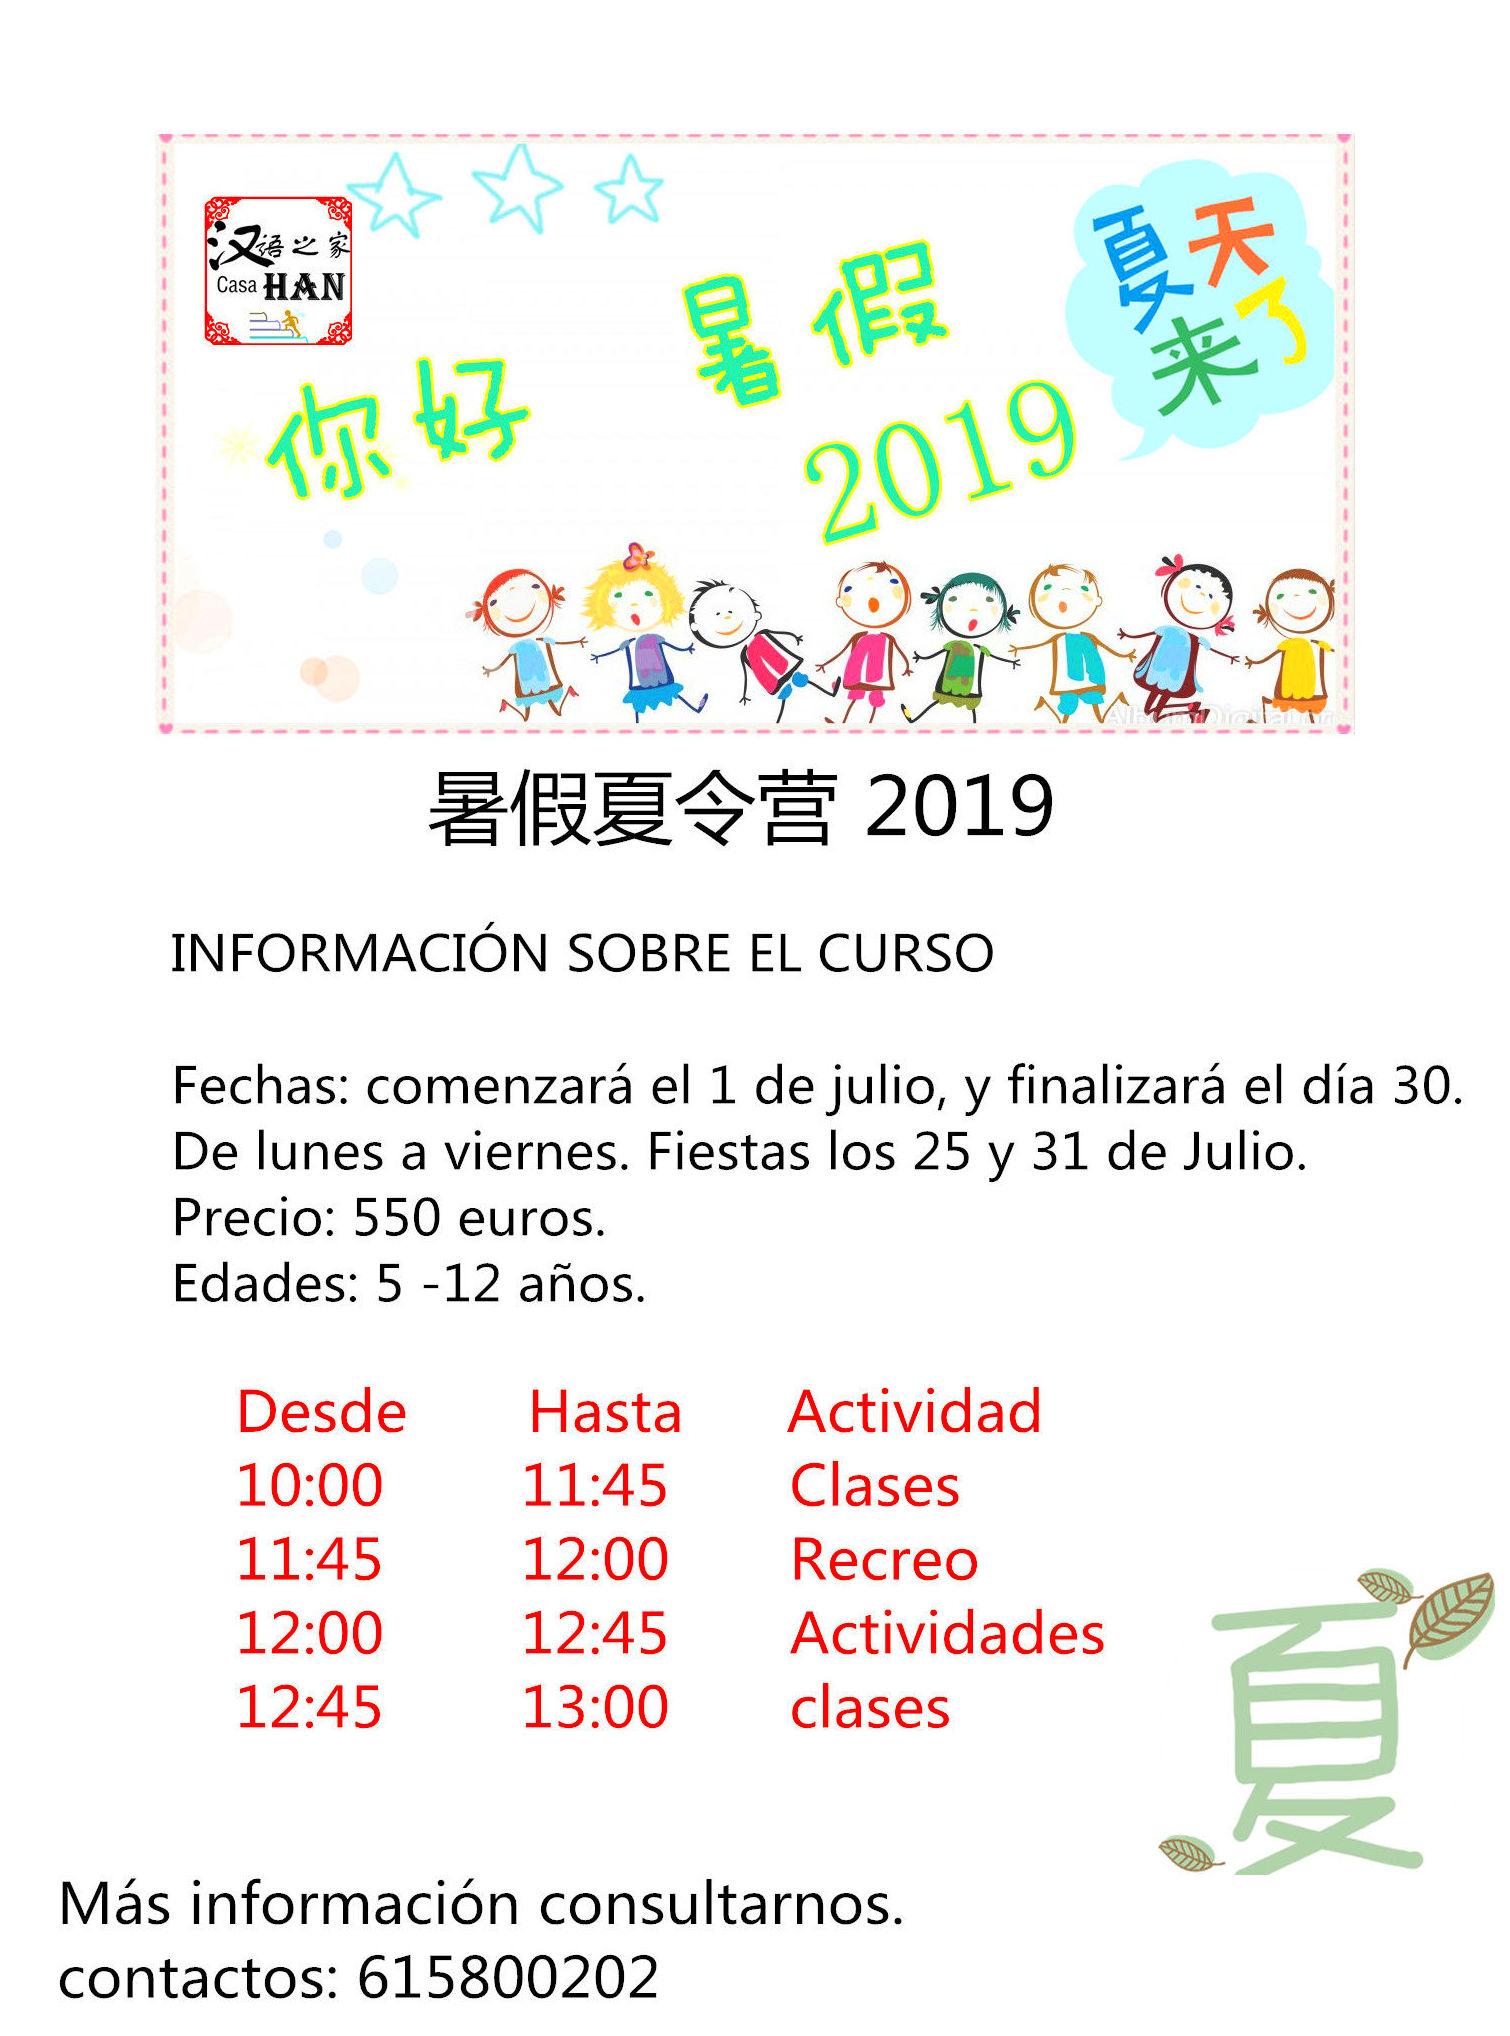 CAMPAMENTO DE VERANO EN BARAKALDO 2019 JULIO: Servicios  de Academia de chino Barakaldo